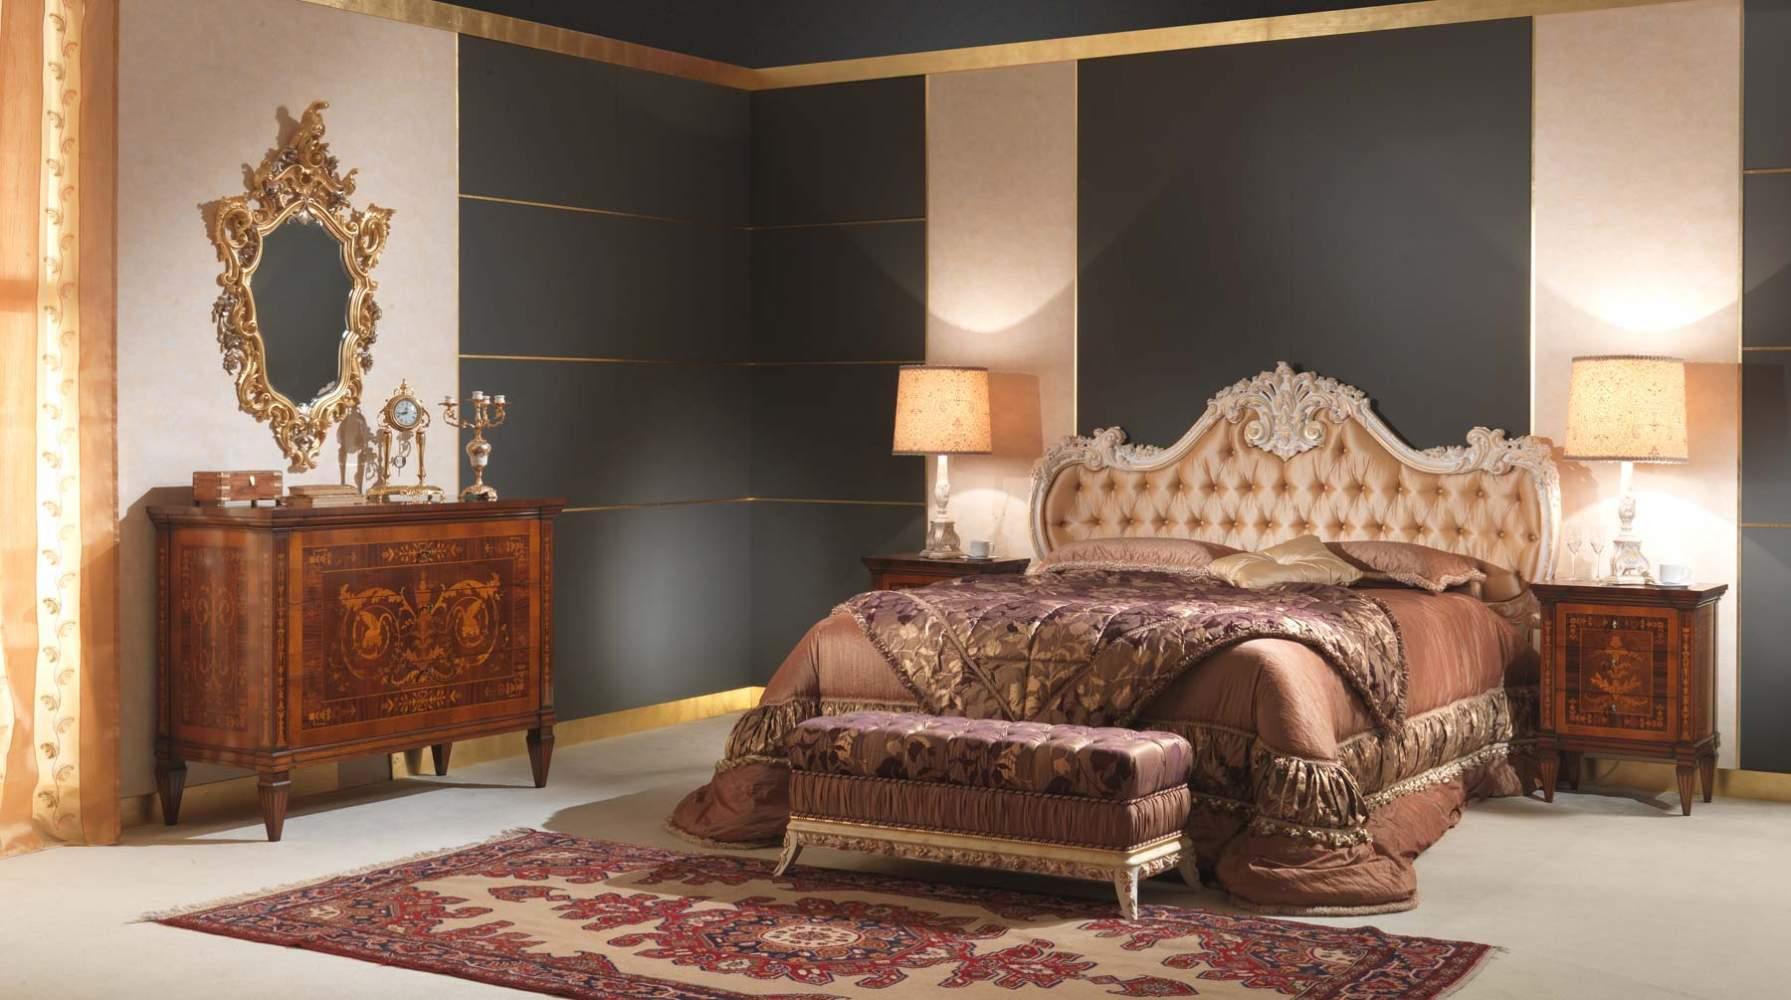 camera da letto classica 700 italiano e maggiolini